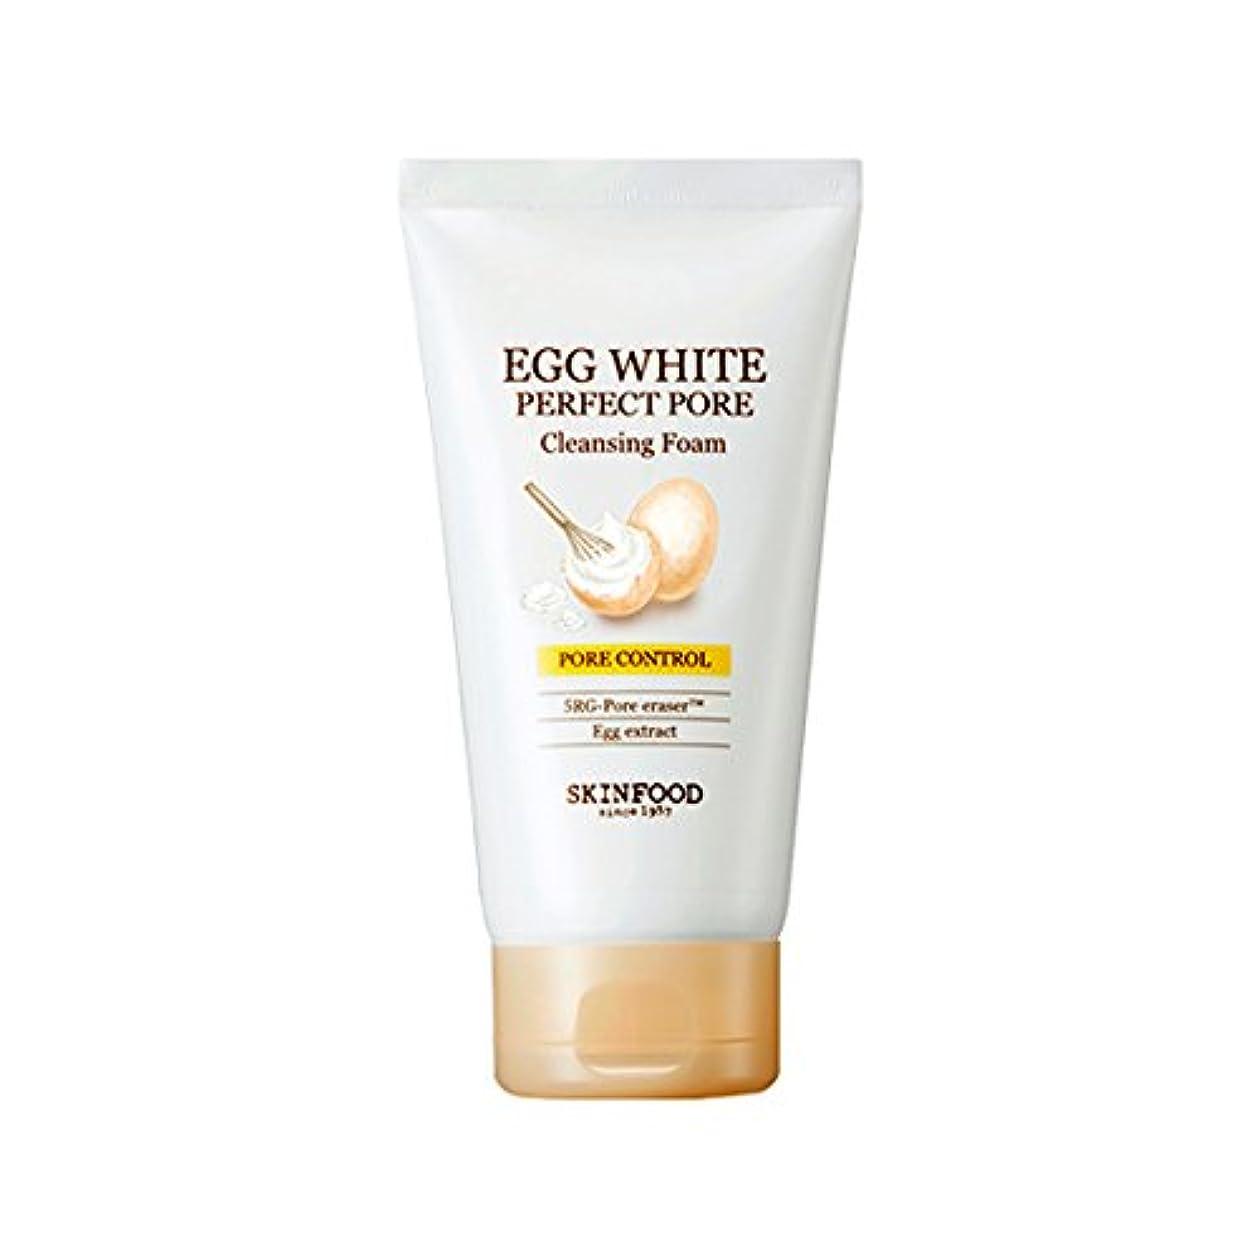 順応性禁輸アクチュエータ[2017 New] SKINFOOD Egg White Perfect Pore Cleansing Foam 150ml/スキンフード エッグ ホワイト パーフェクト ポア クレンジング フォーム 150ml [並行輸入品]